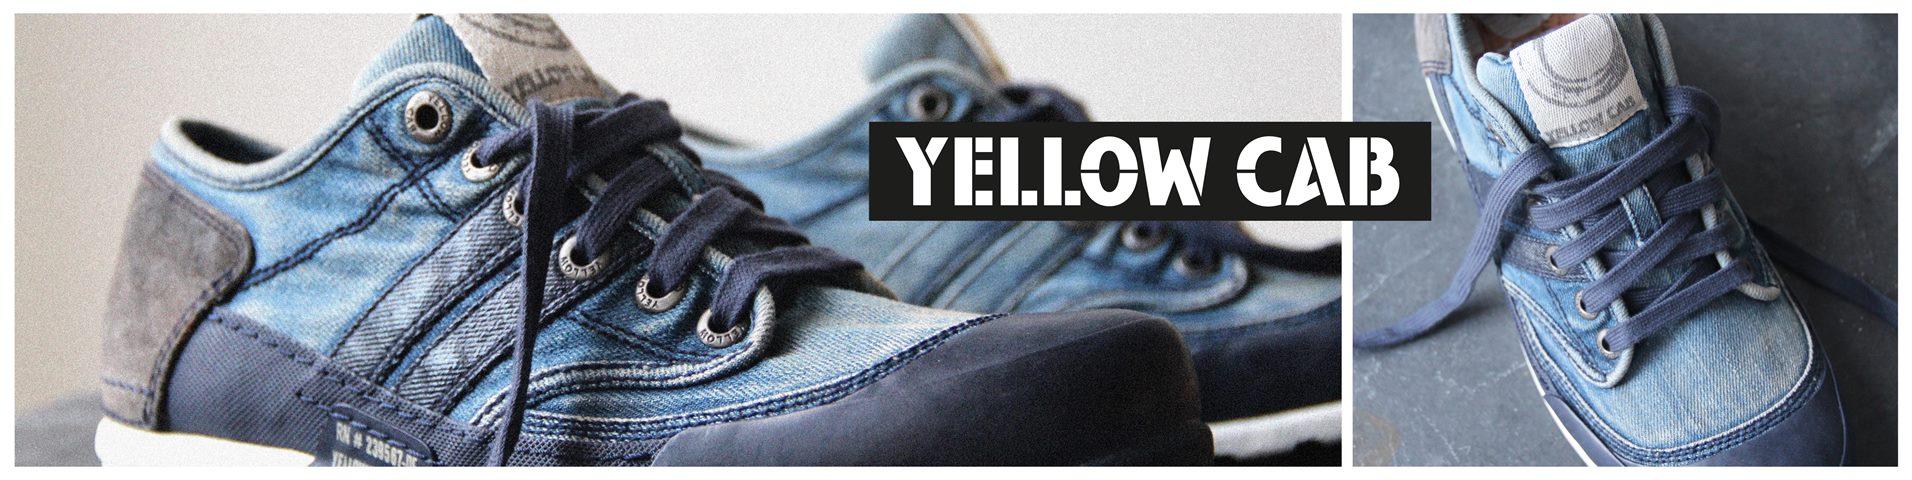 Yellow Cab Online Outlet für Herren | Jetzt sparen und